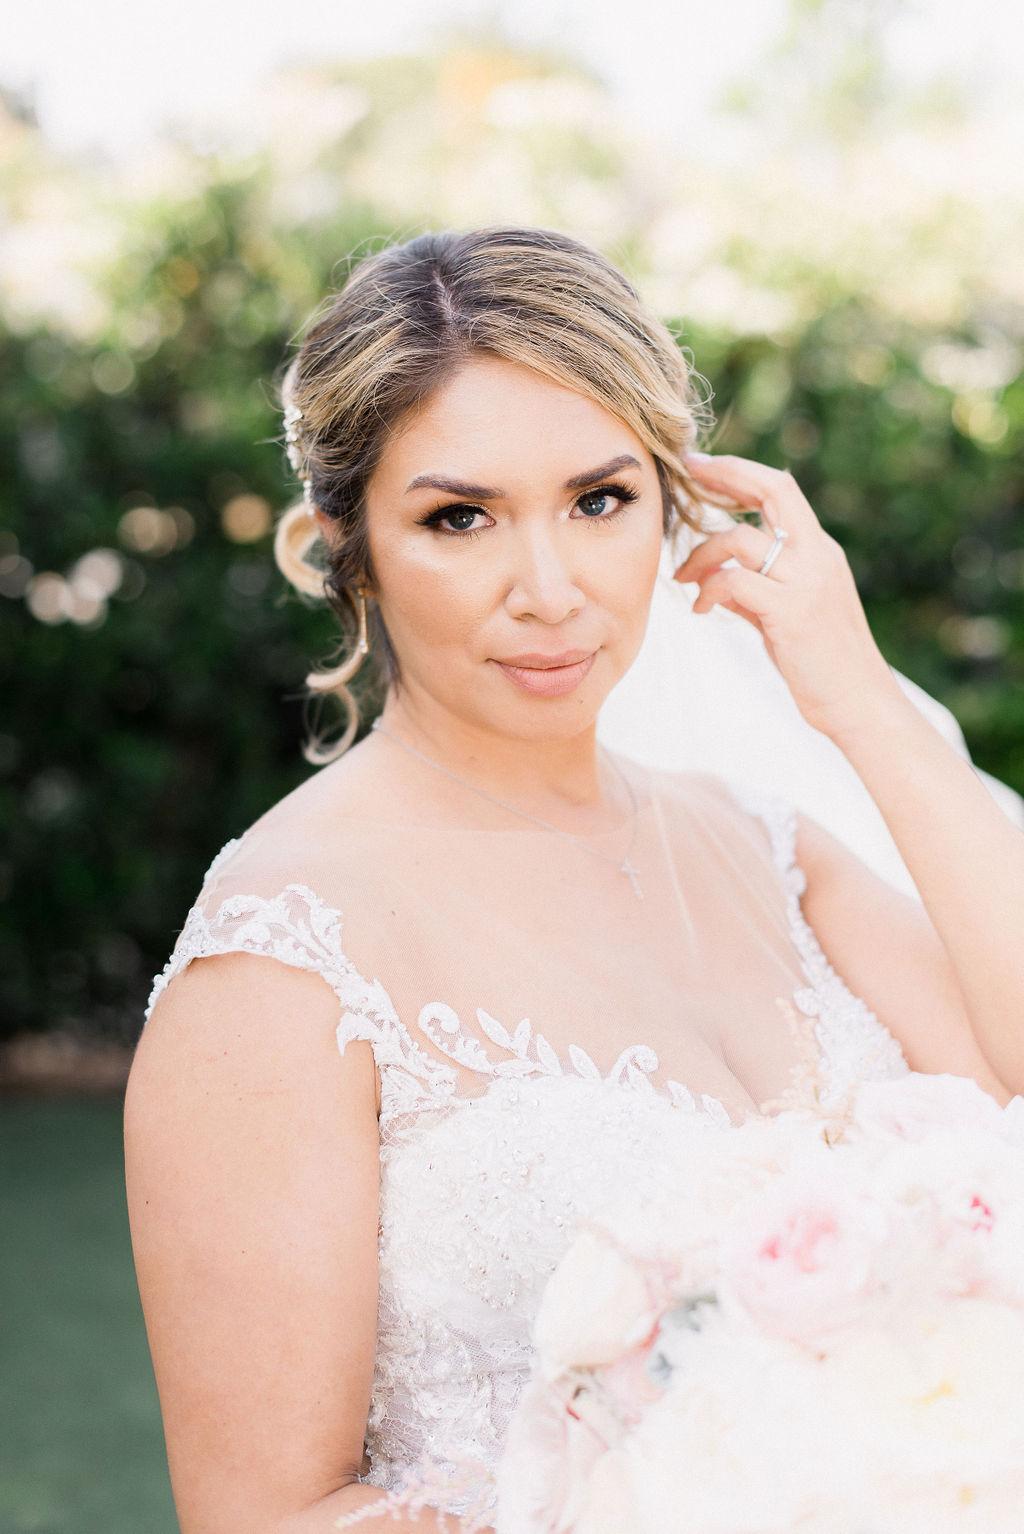 bridal portrait of pretty hispanic bride